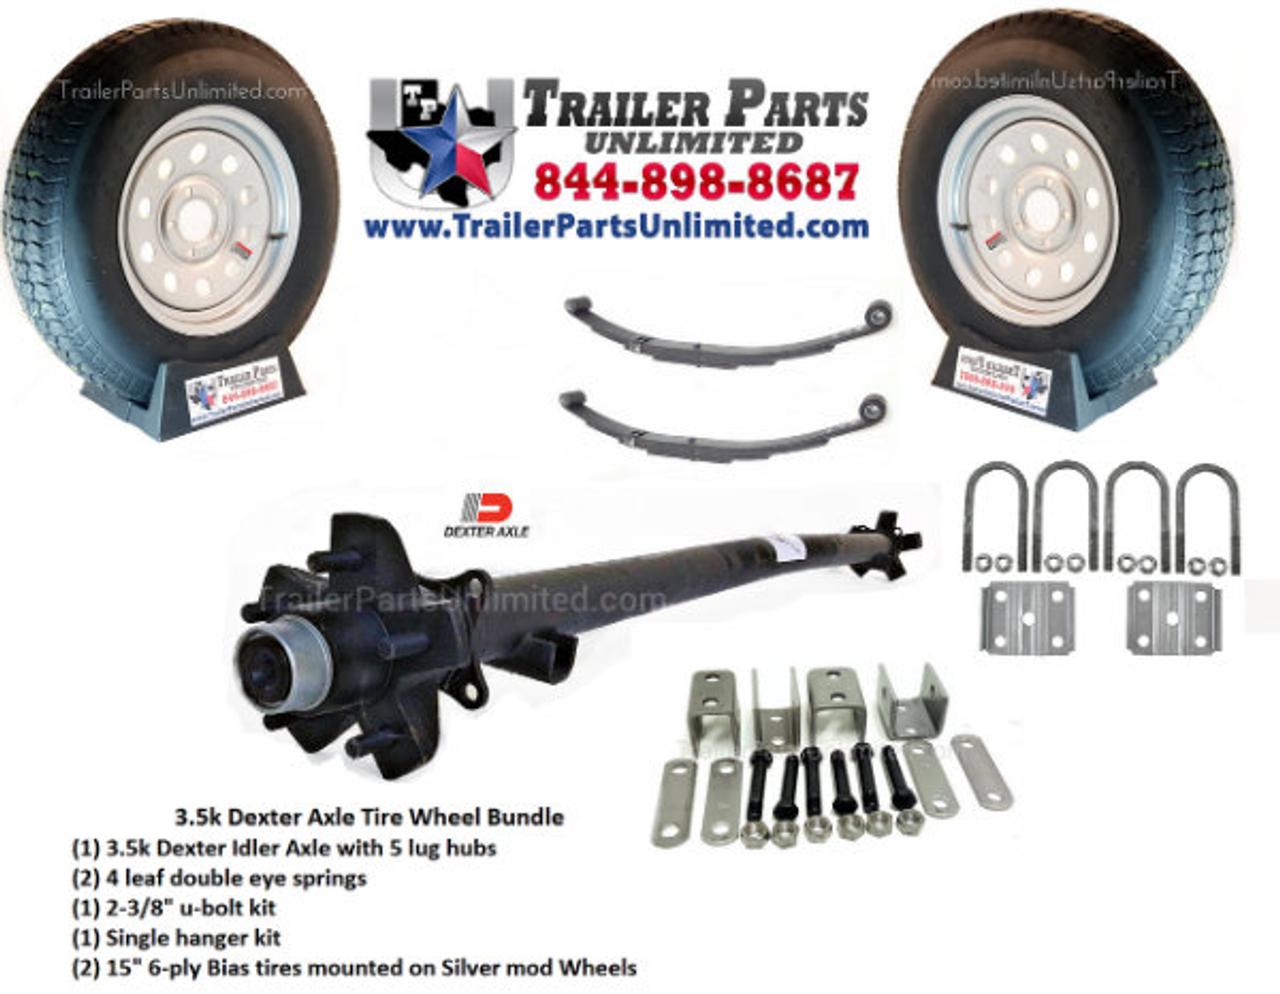 מדהים 3.5k Idler Trailer Axle Kit W/ All Hardware & Tires - Trailer HX-68